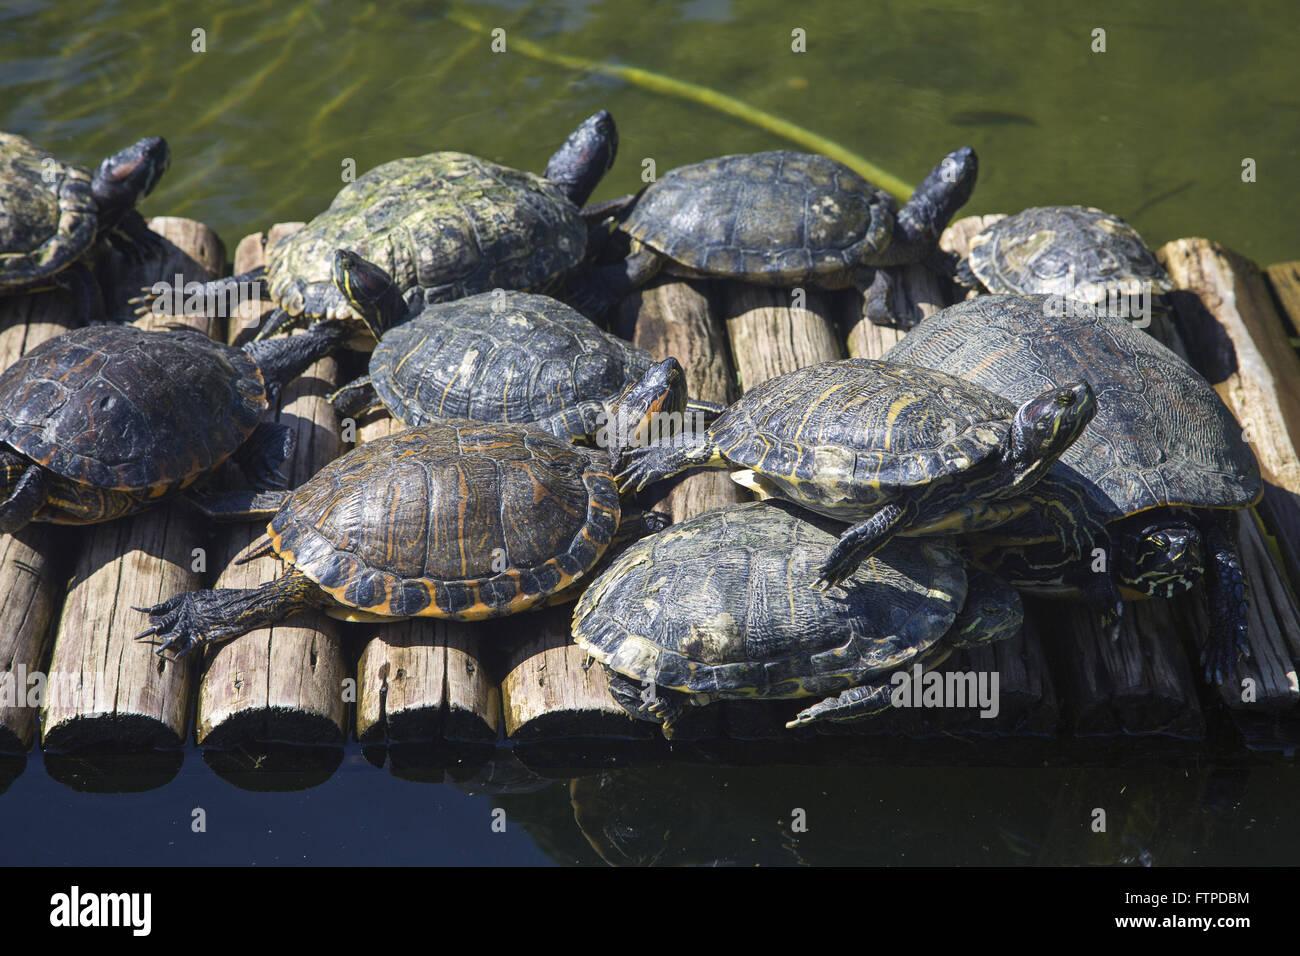 Schildkröten im See botanischen Garten von Rio De Janeiro Stockbild